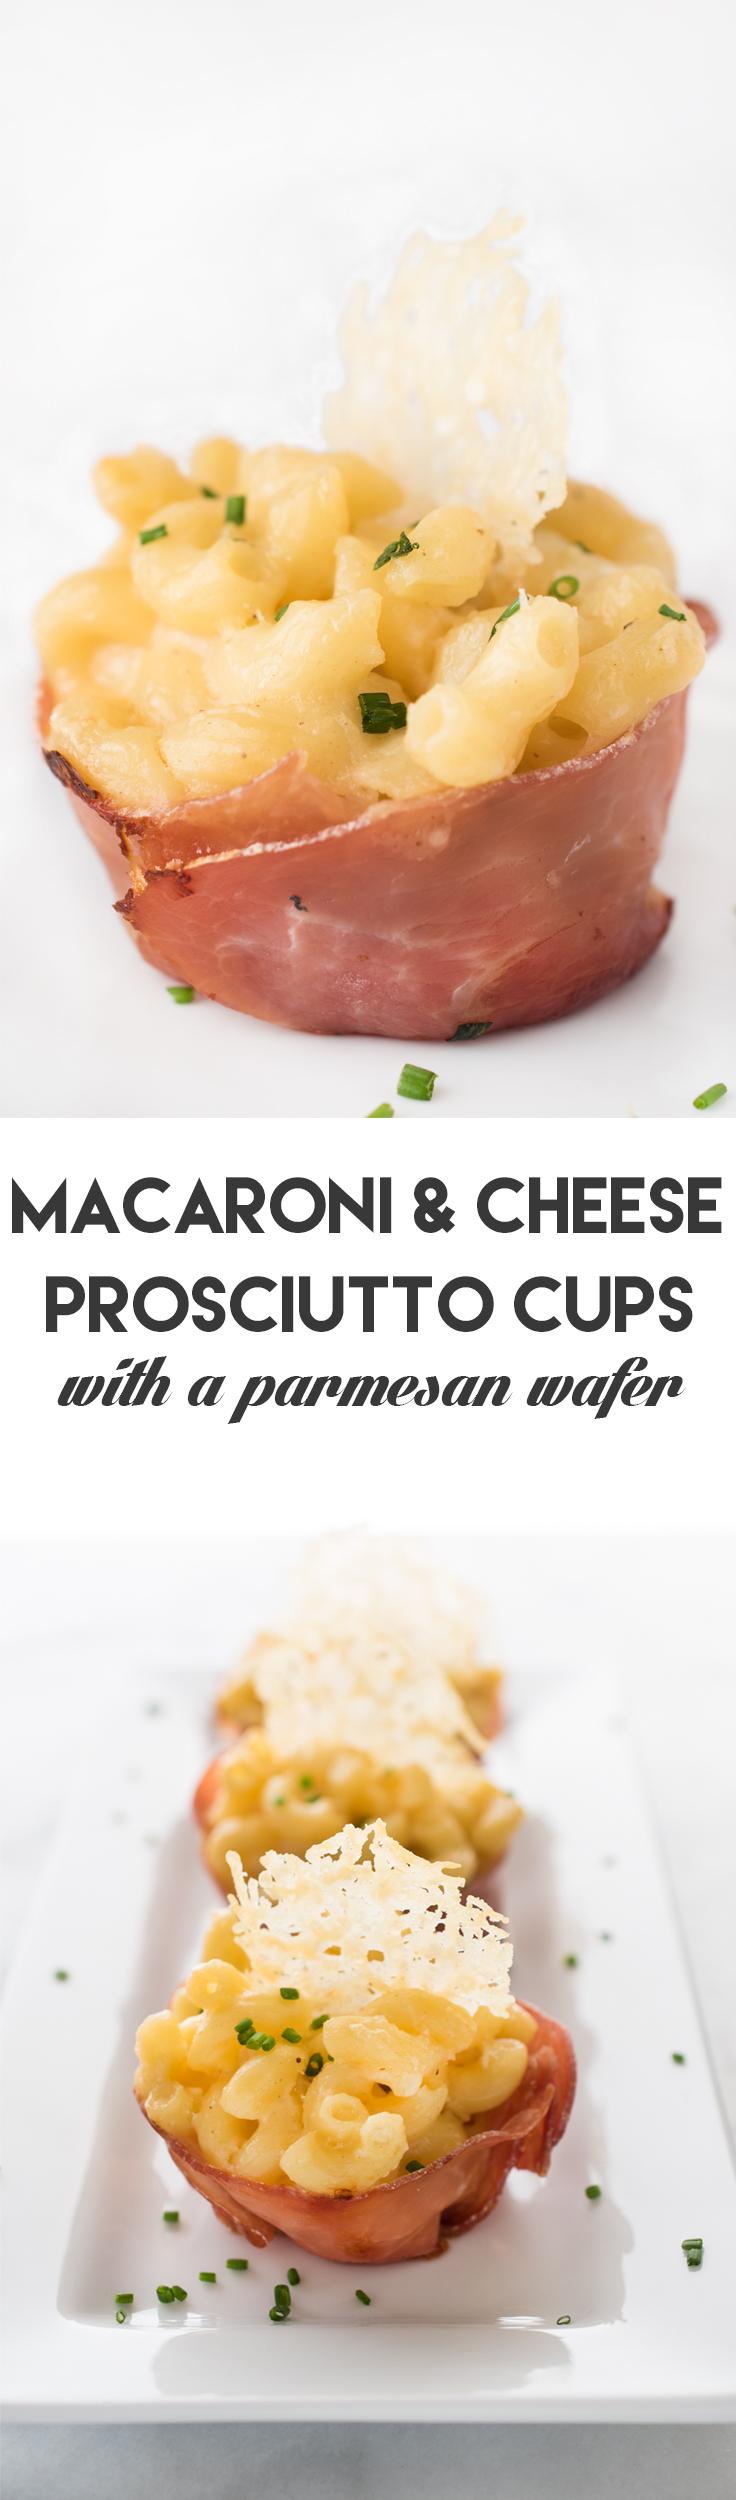 Macaroni & Cheese Prosciutto Cups